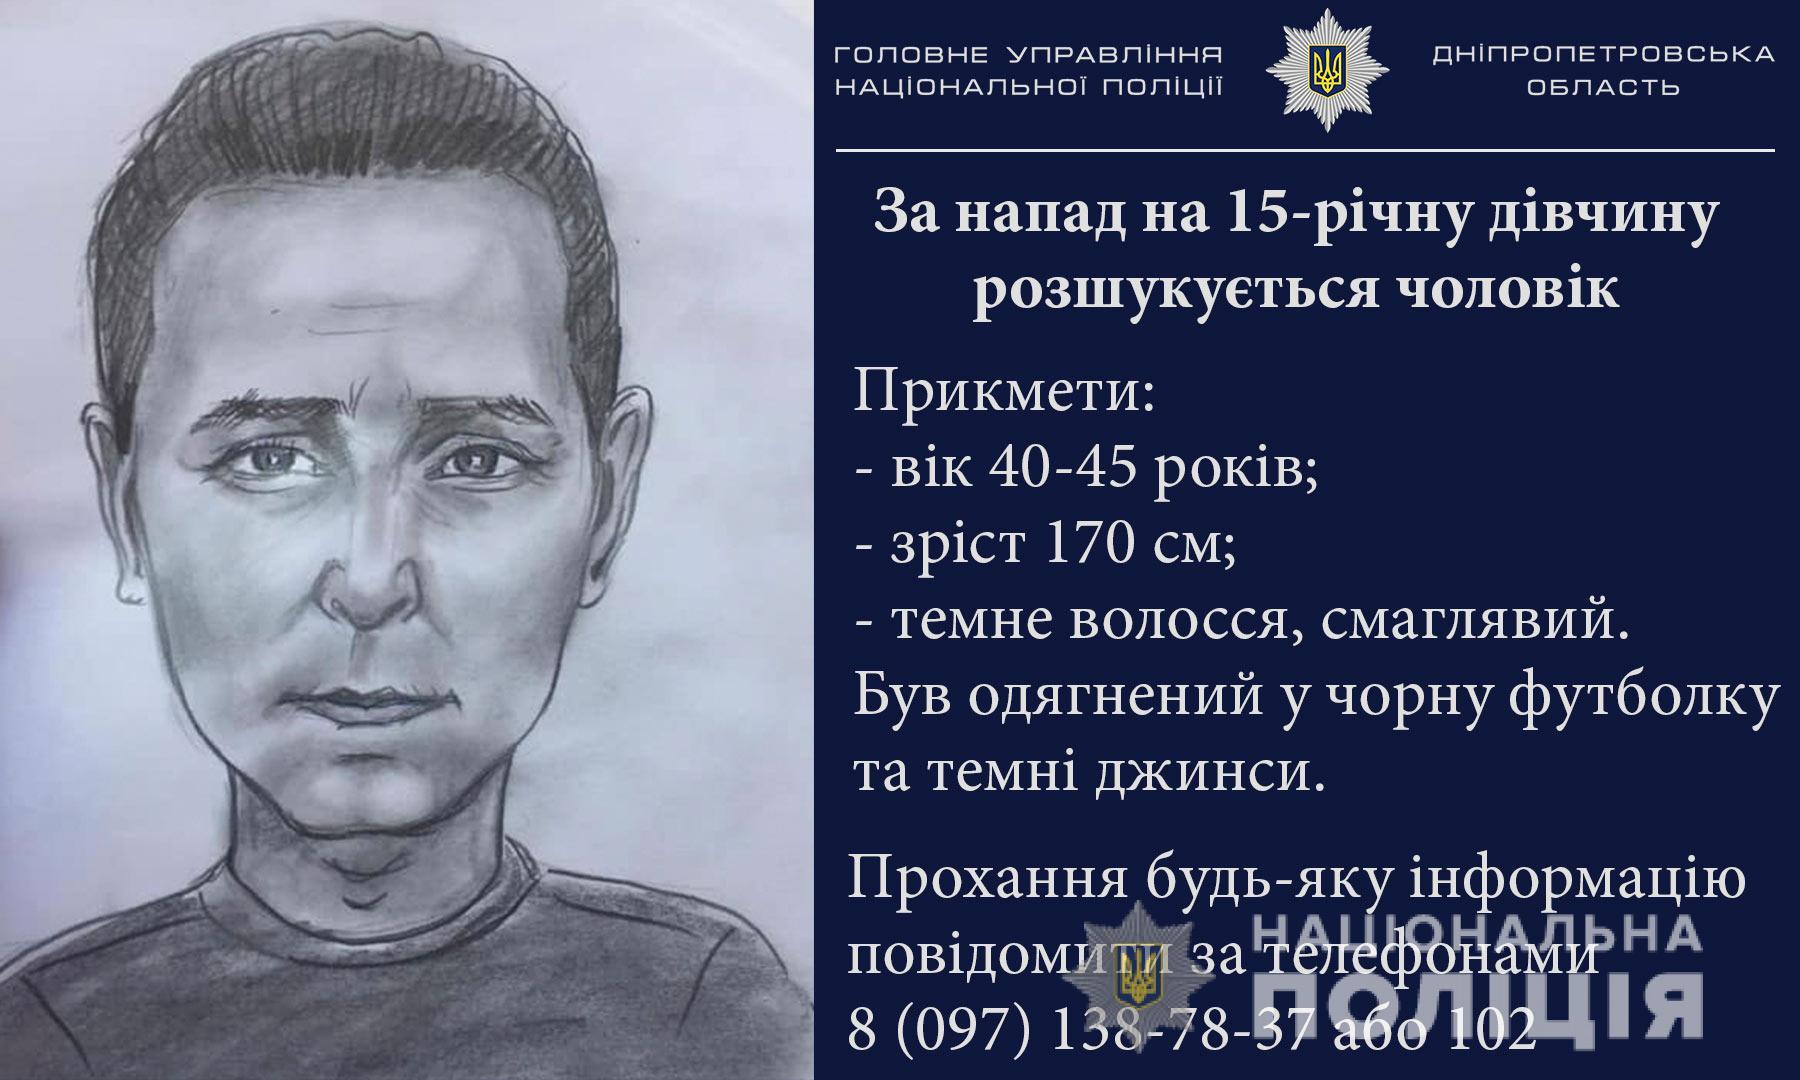 Педофил на свободе: полиция Днепра просит помощи в поисках напавшего на несовершеннолетнюю девочку. Новости Днепра